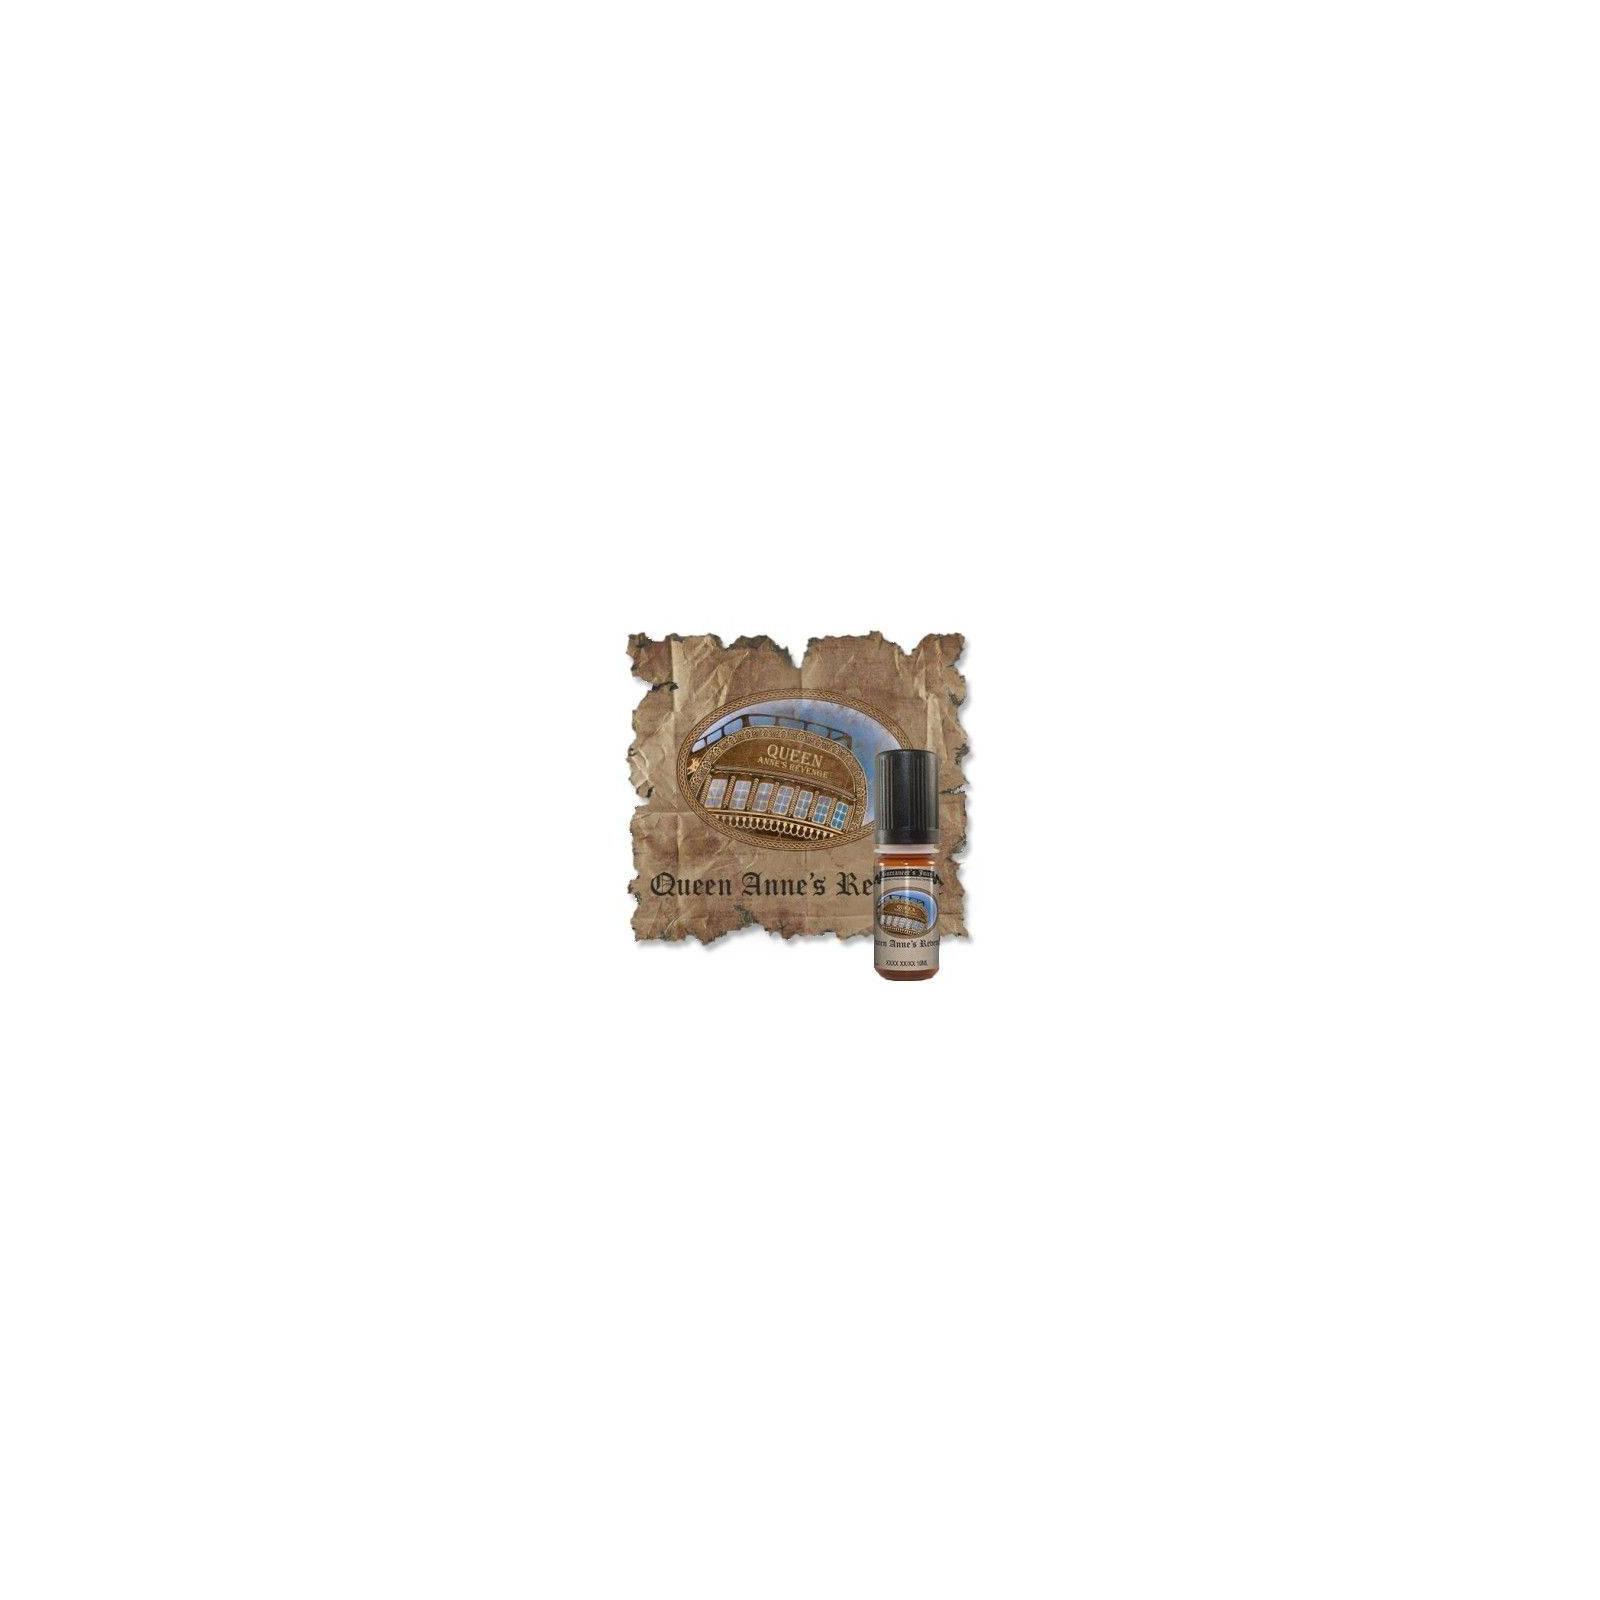 Queen Anne's Revenge - BUCCANEER'S